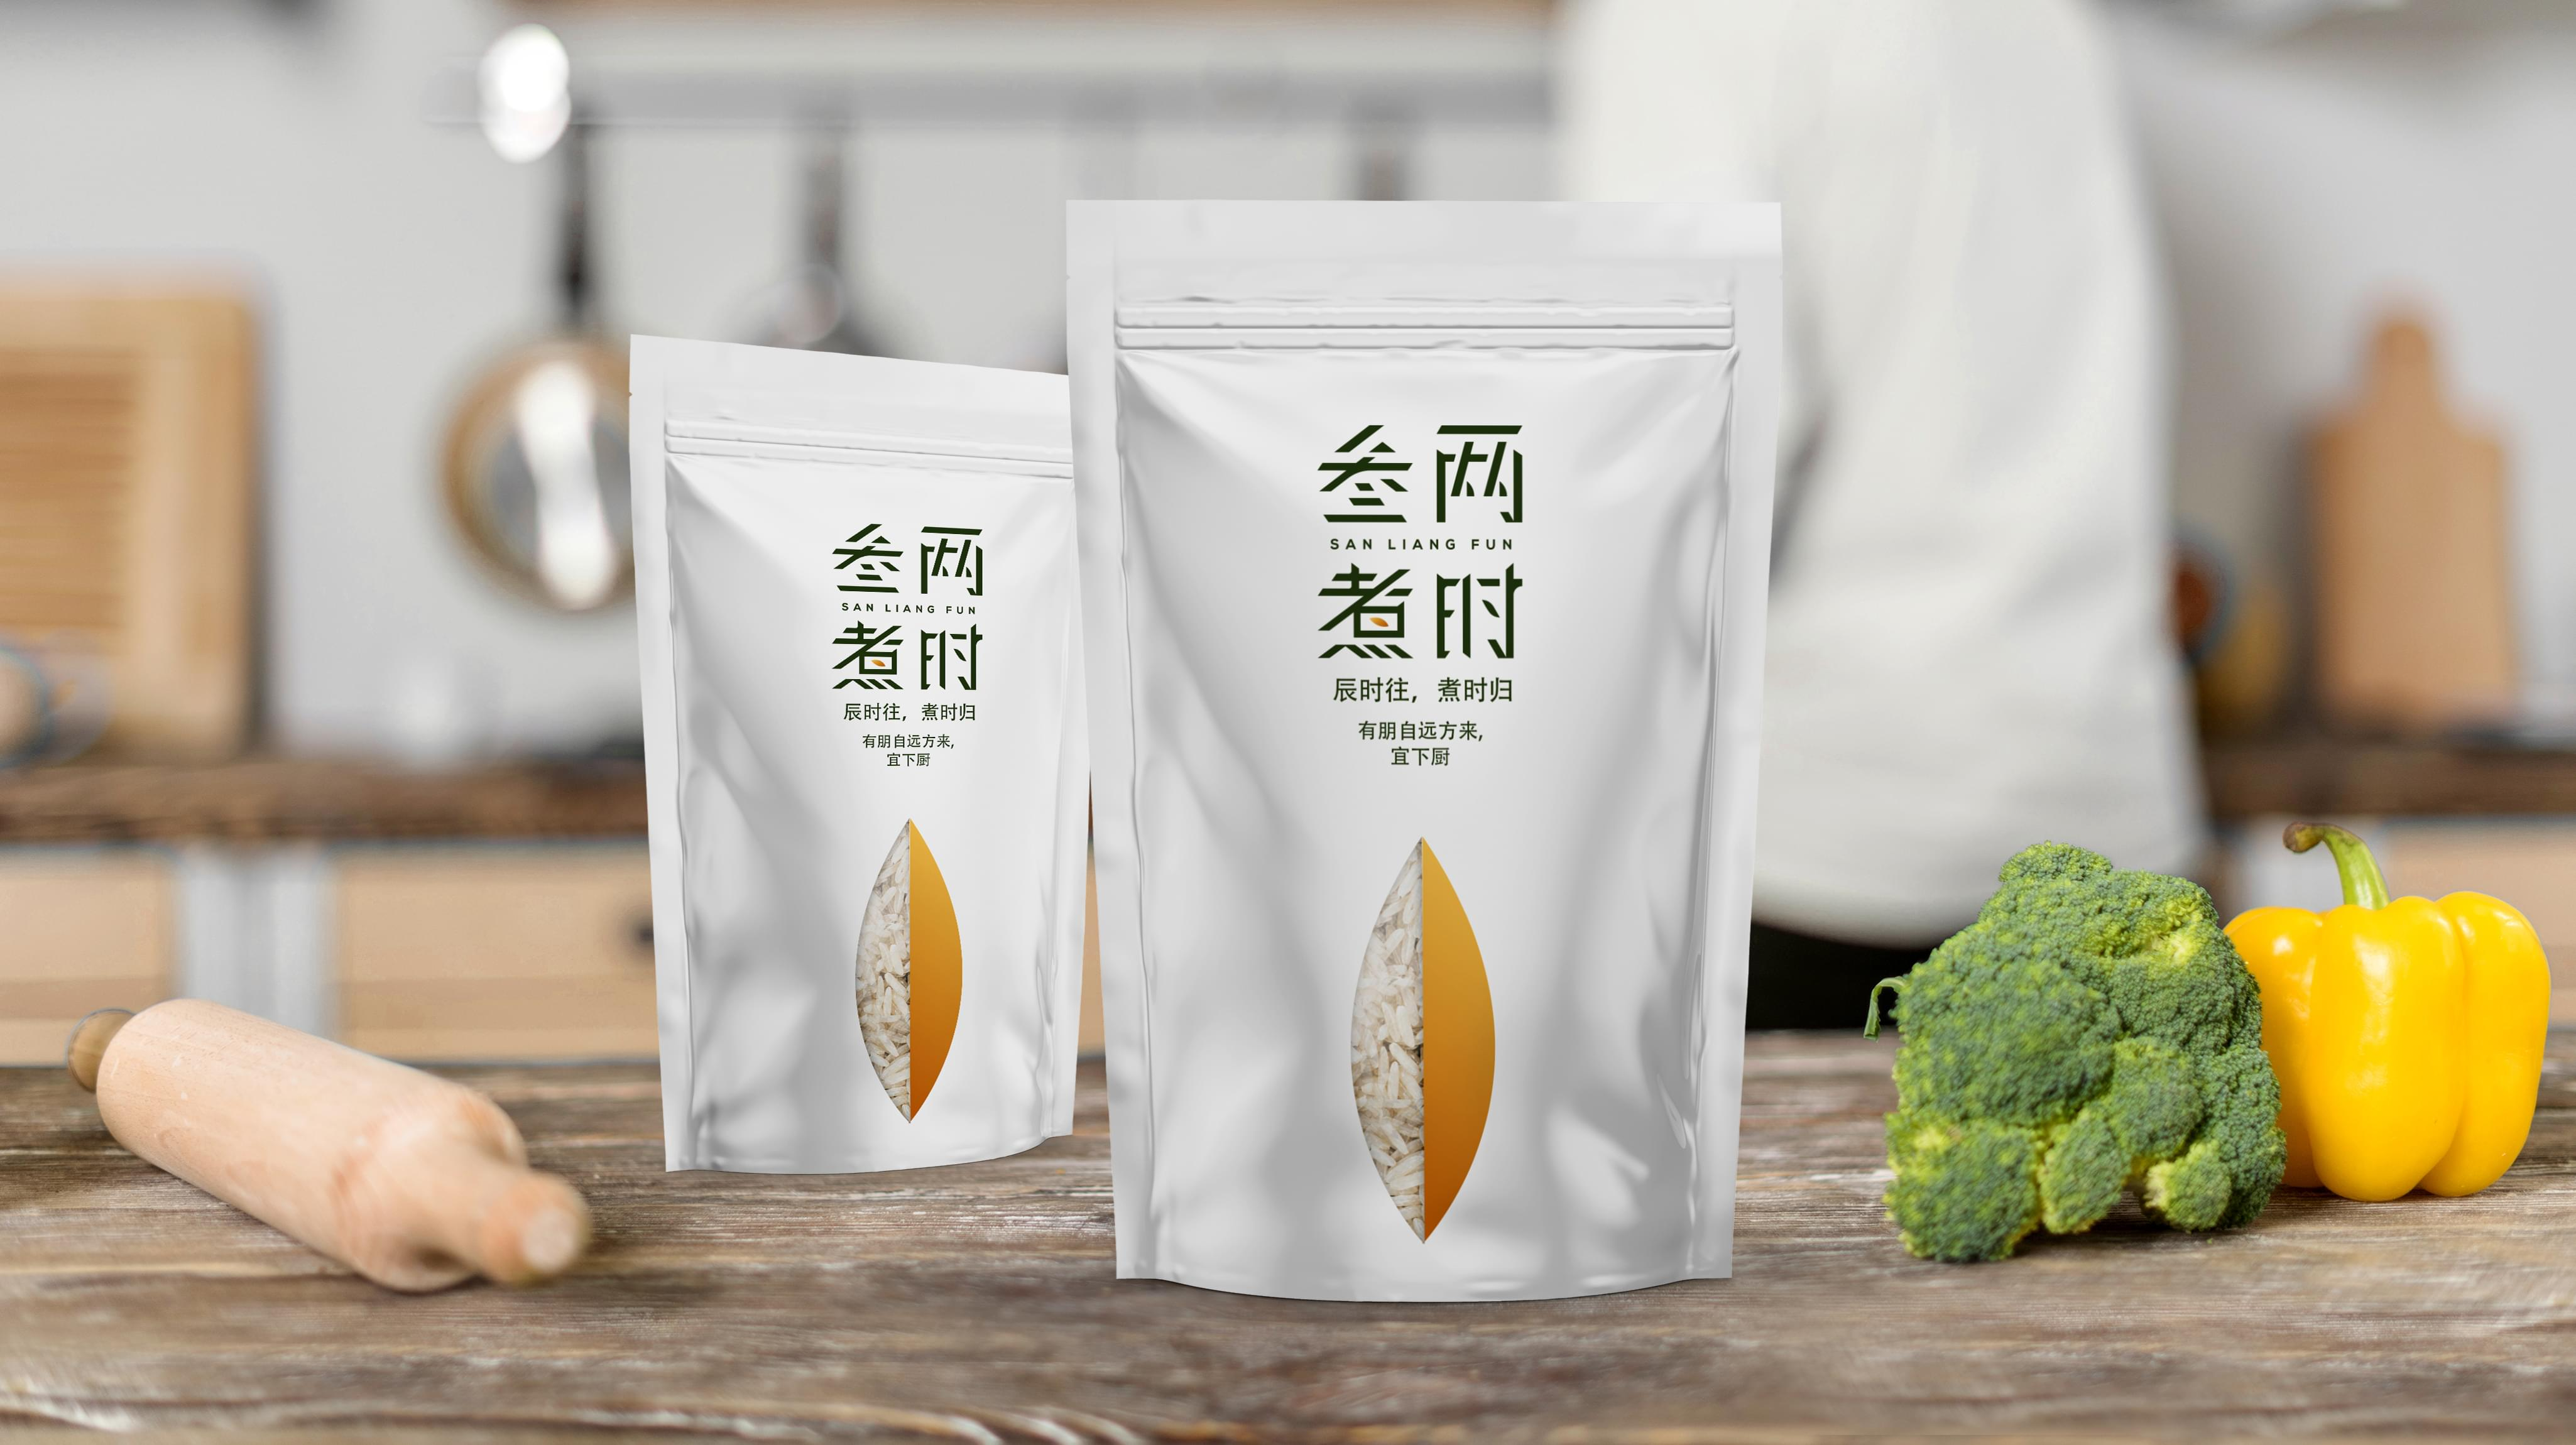 SAN LIANG FUN Packaging